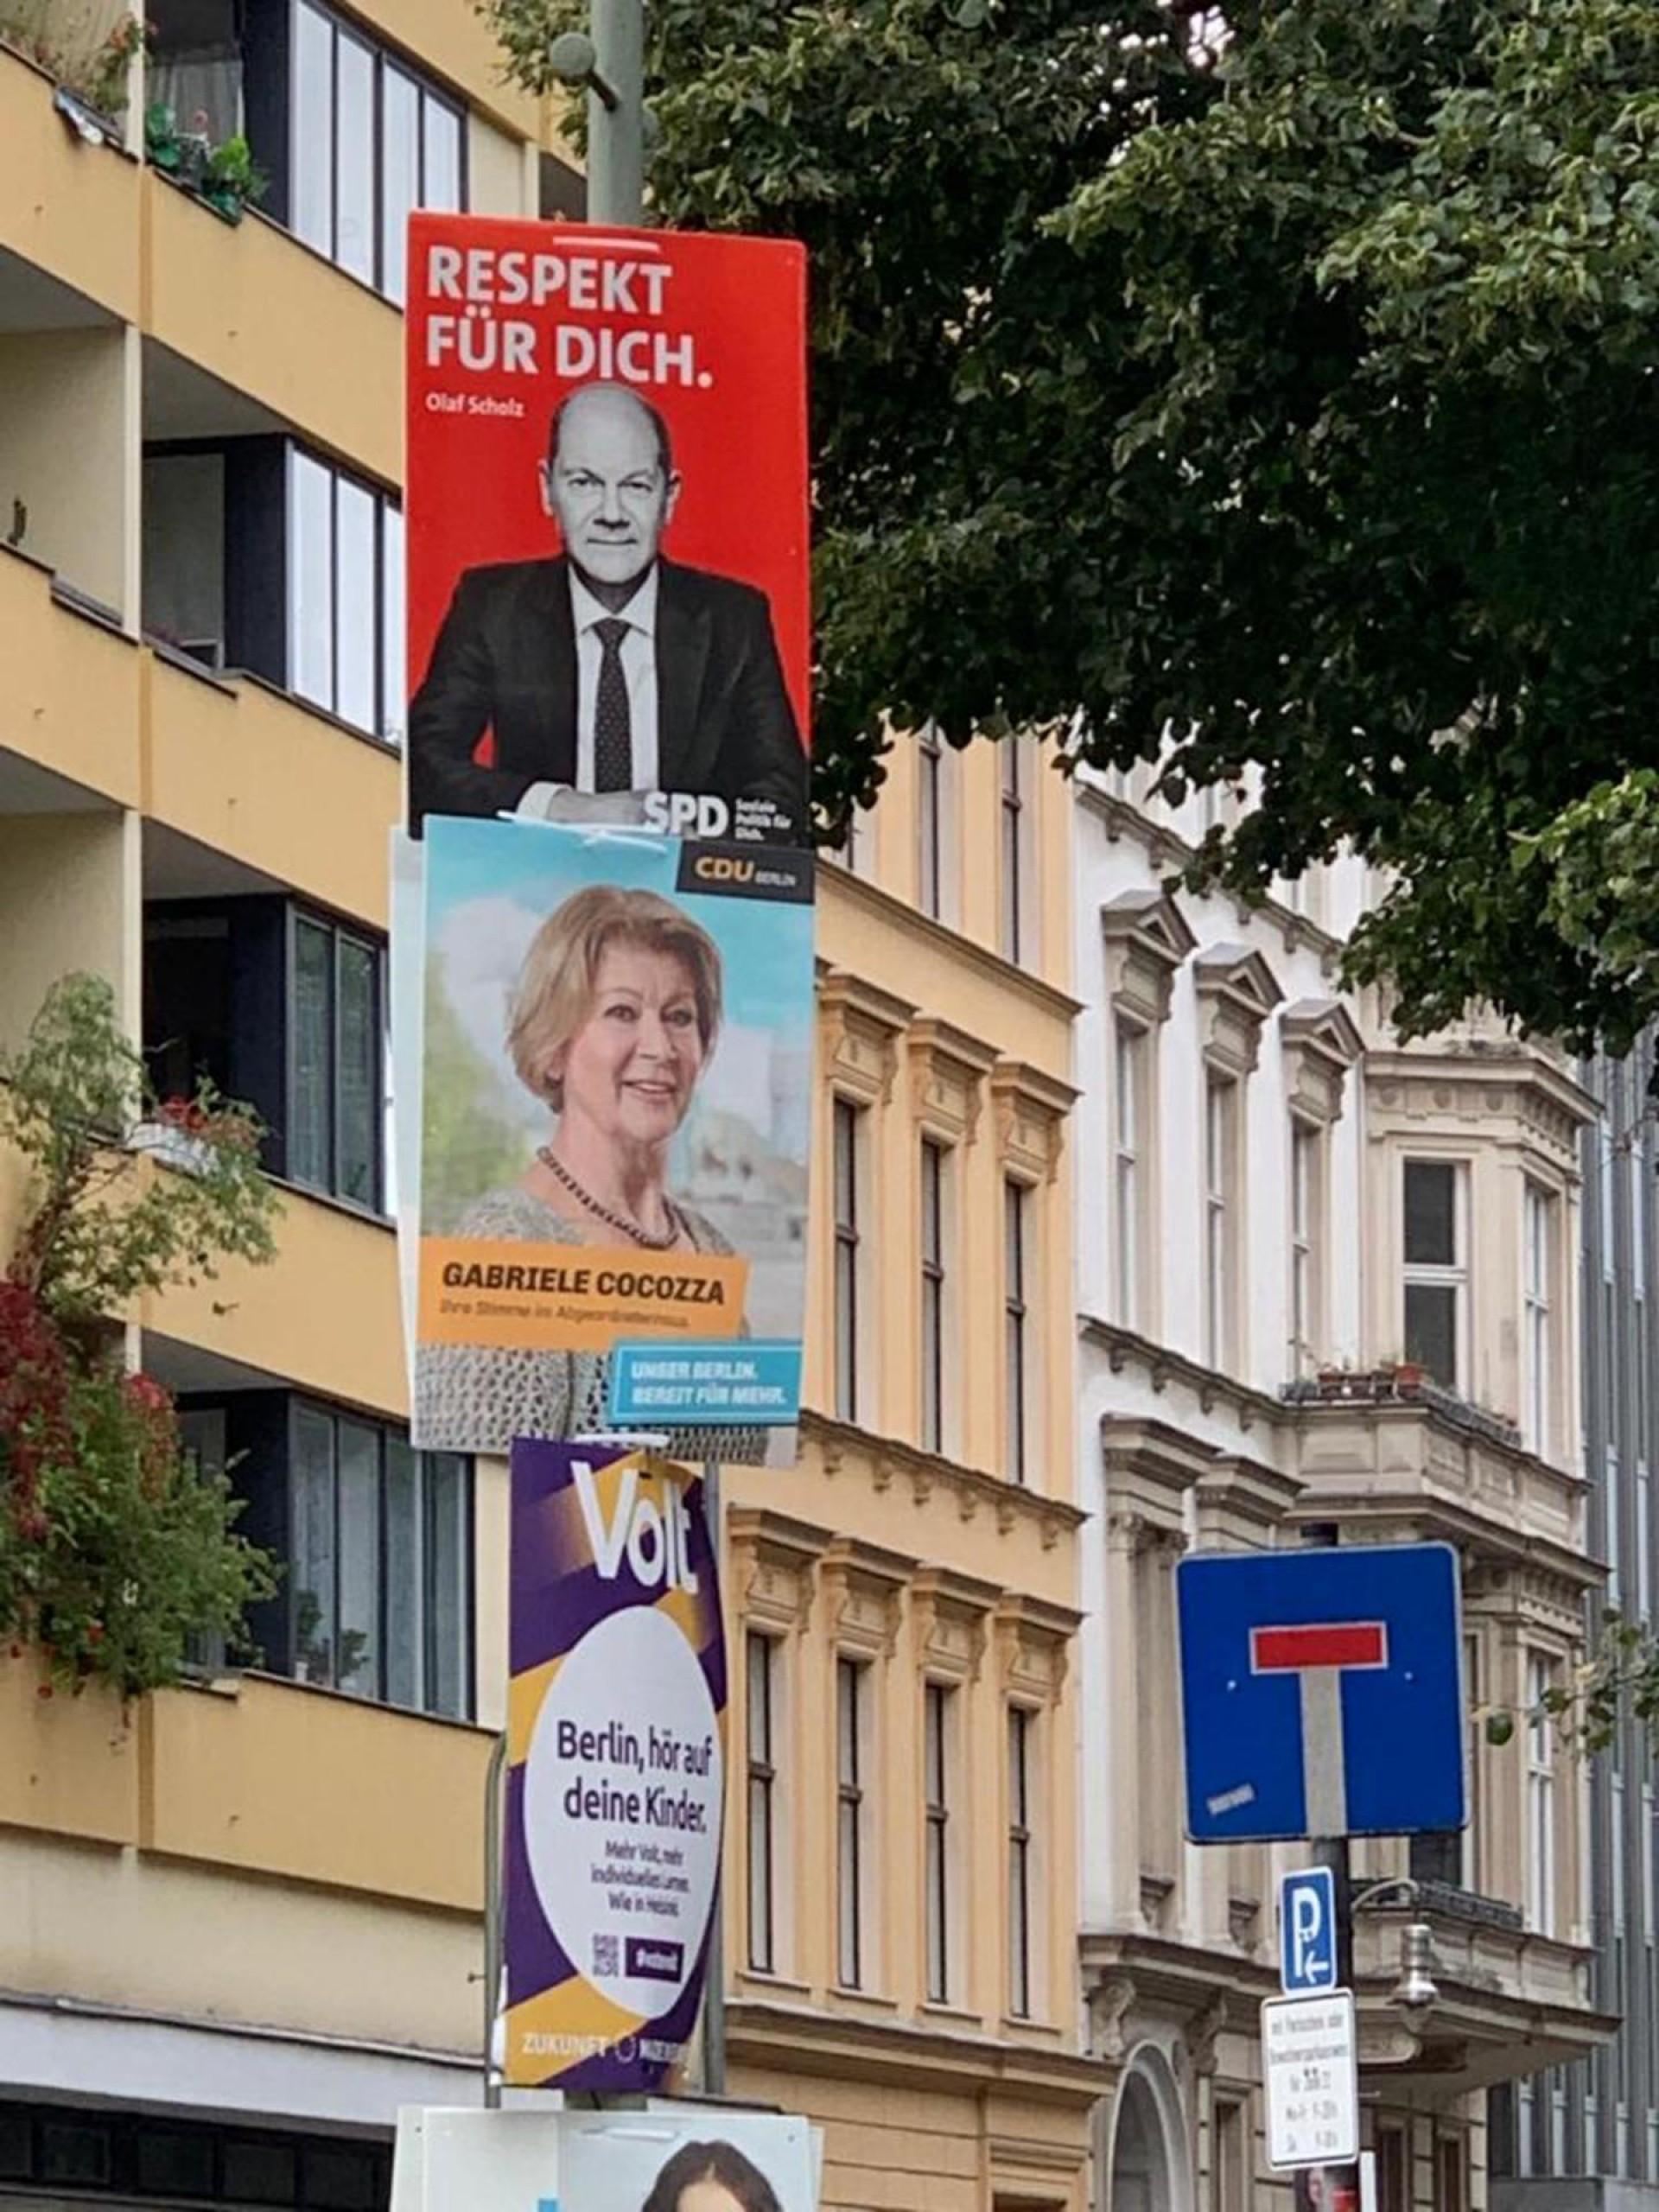 cartazes de postulantes na eleição alemã.  (Foto: divulgação)